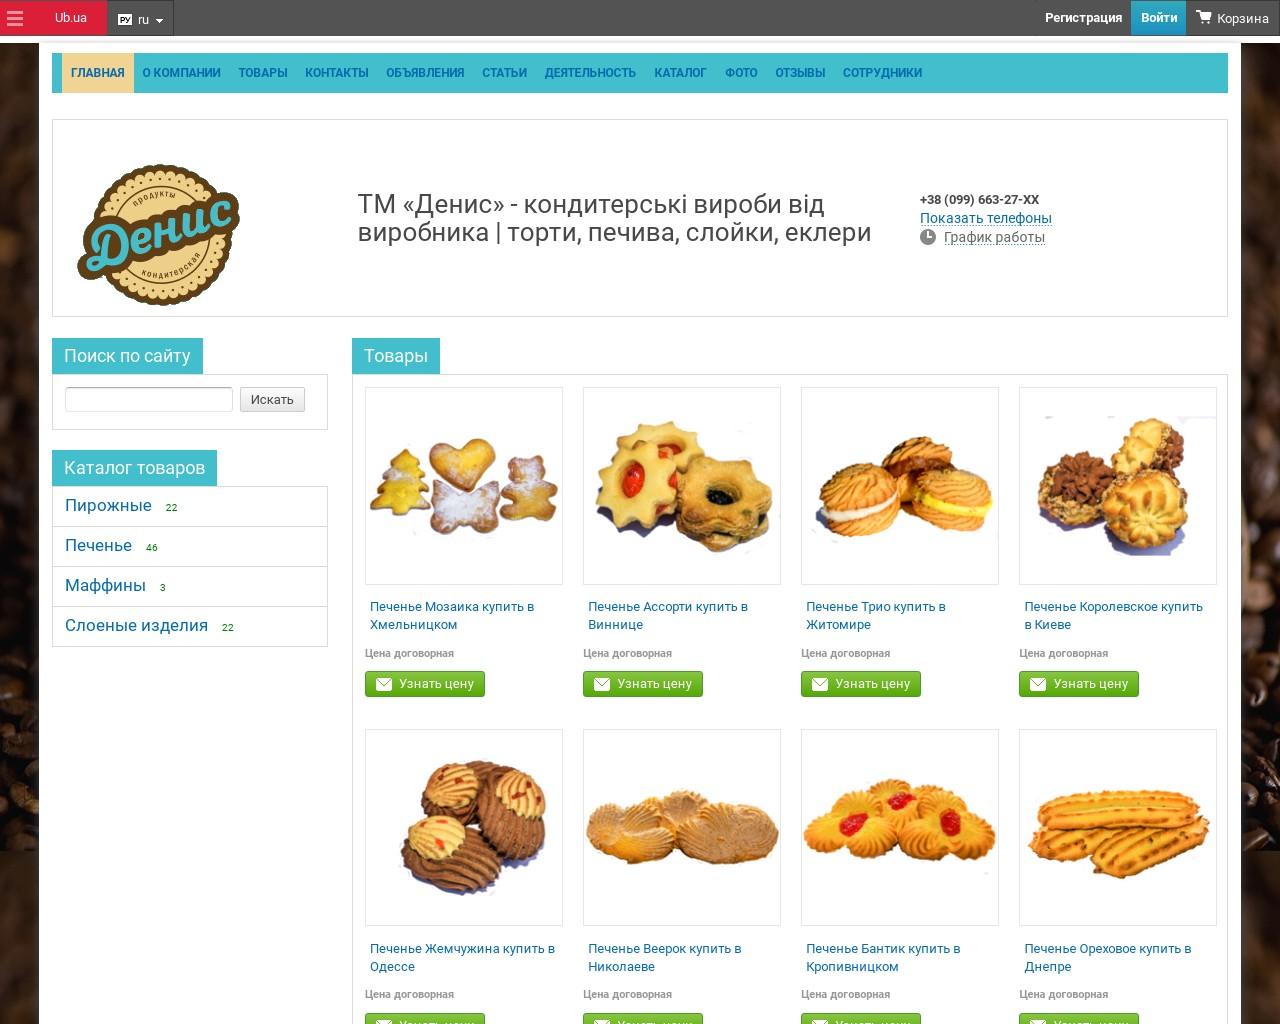 ТМ Денис - натуральные кондитерские изделия от производителя